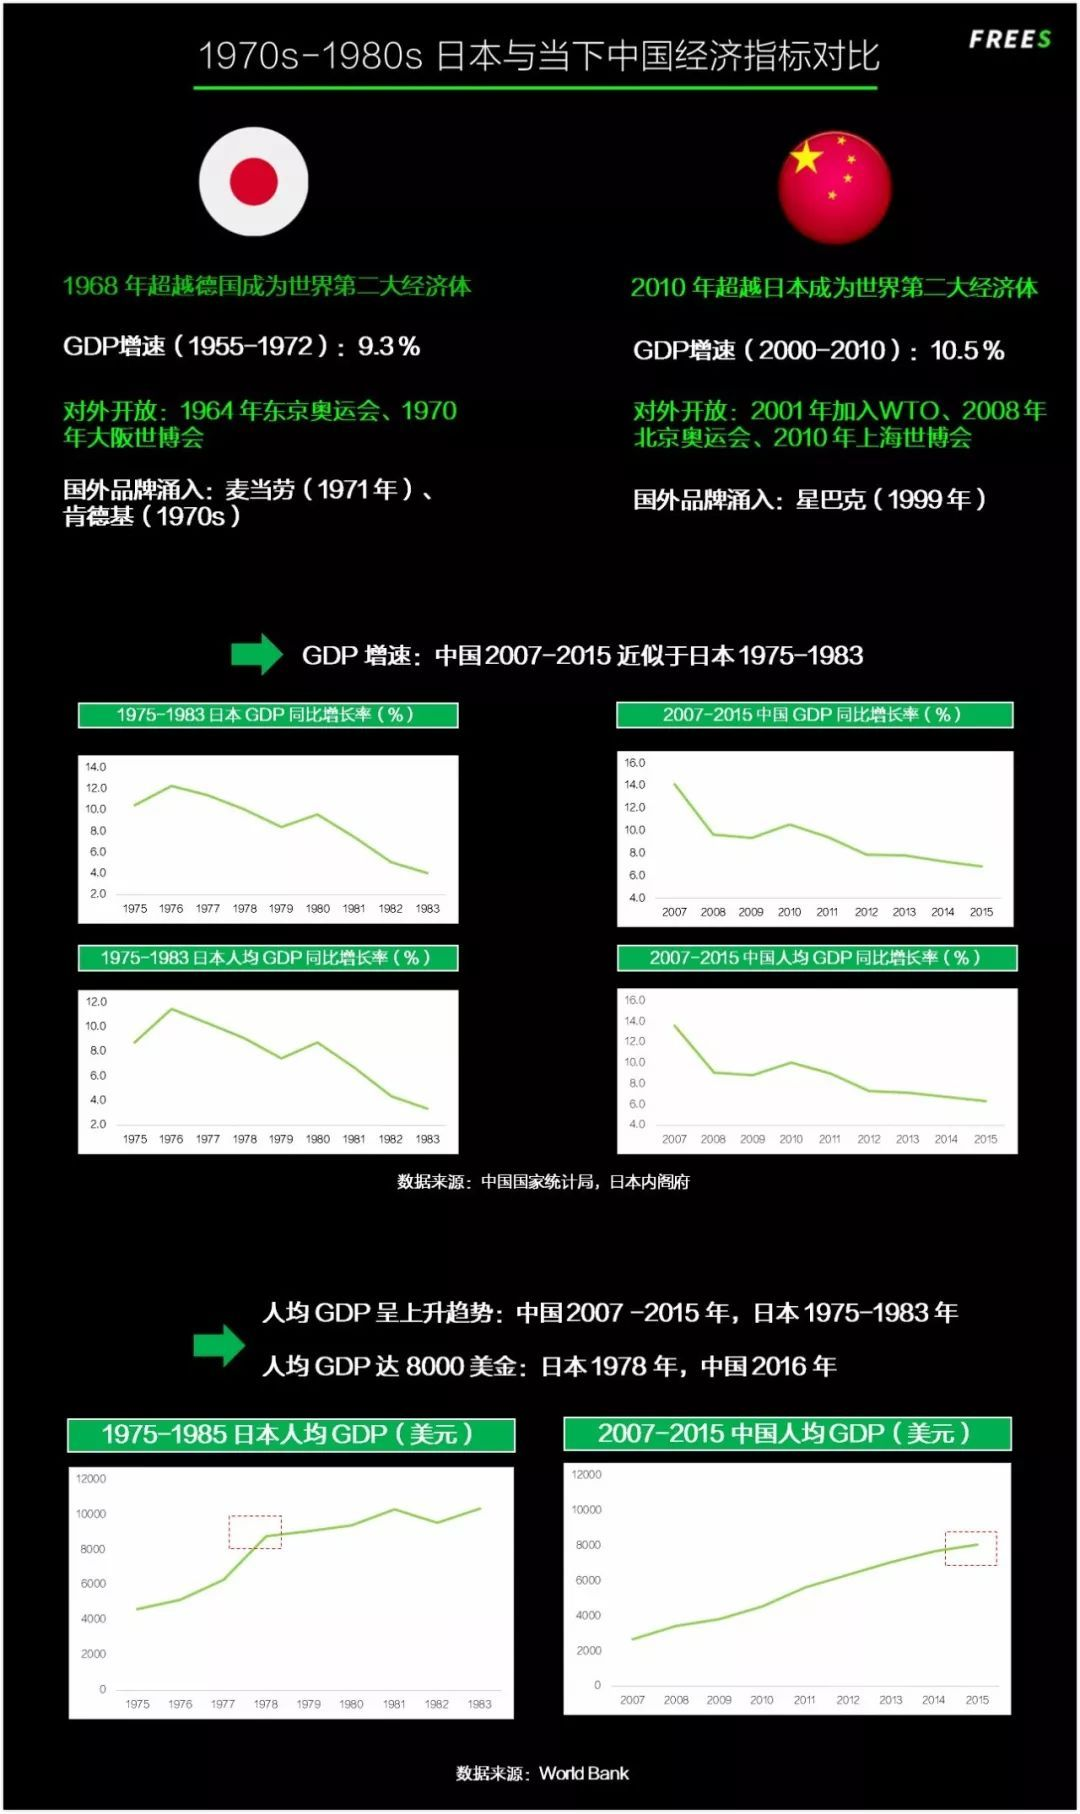 中国gdp2030年超过日本_中国gdp超过日本